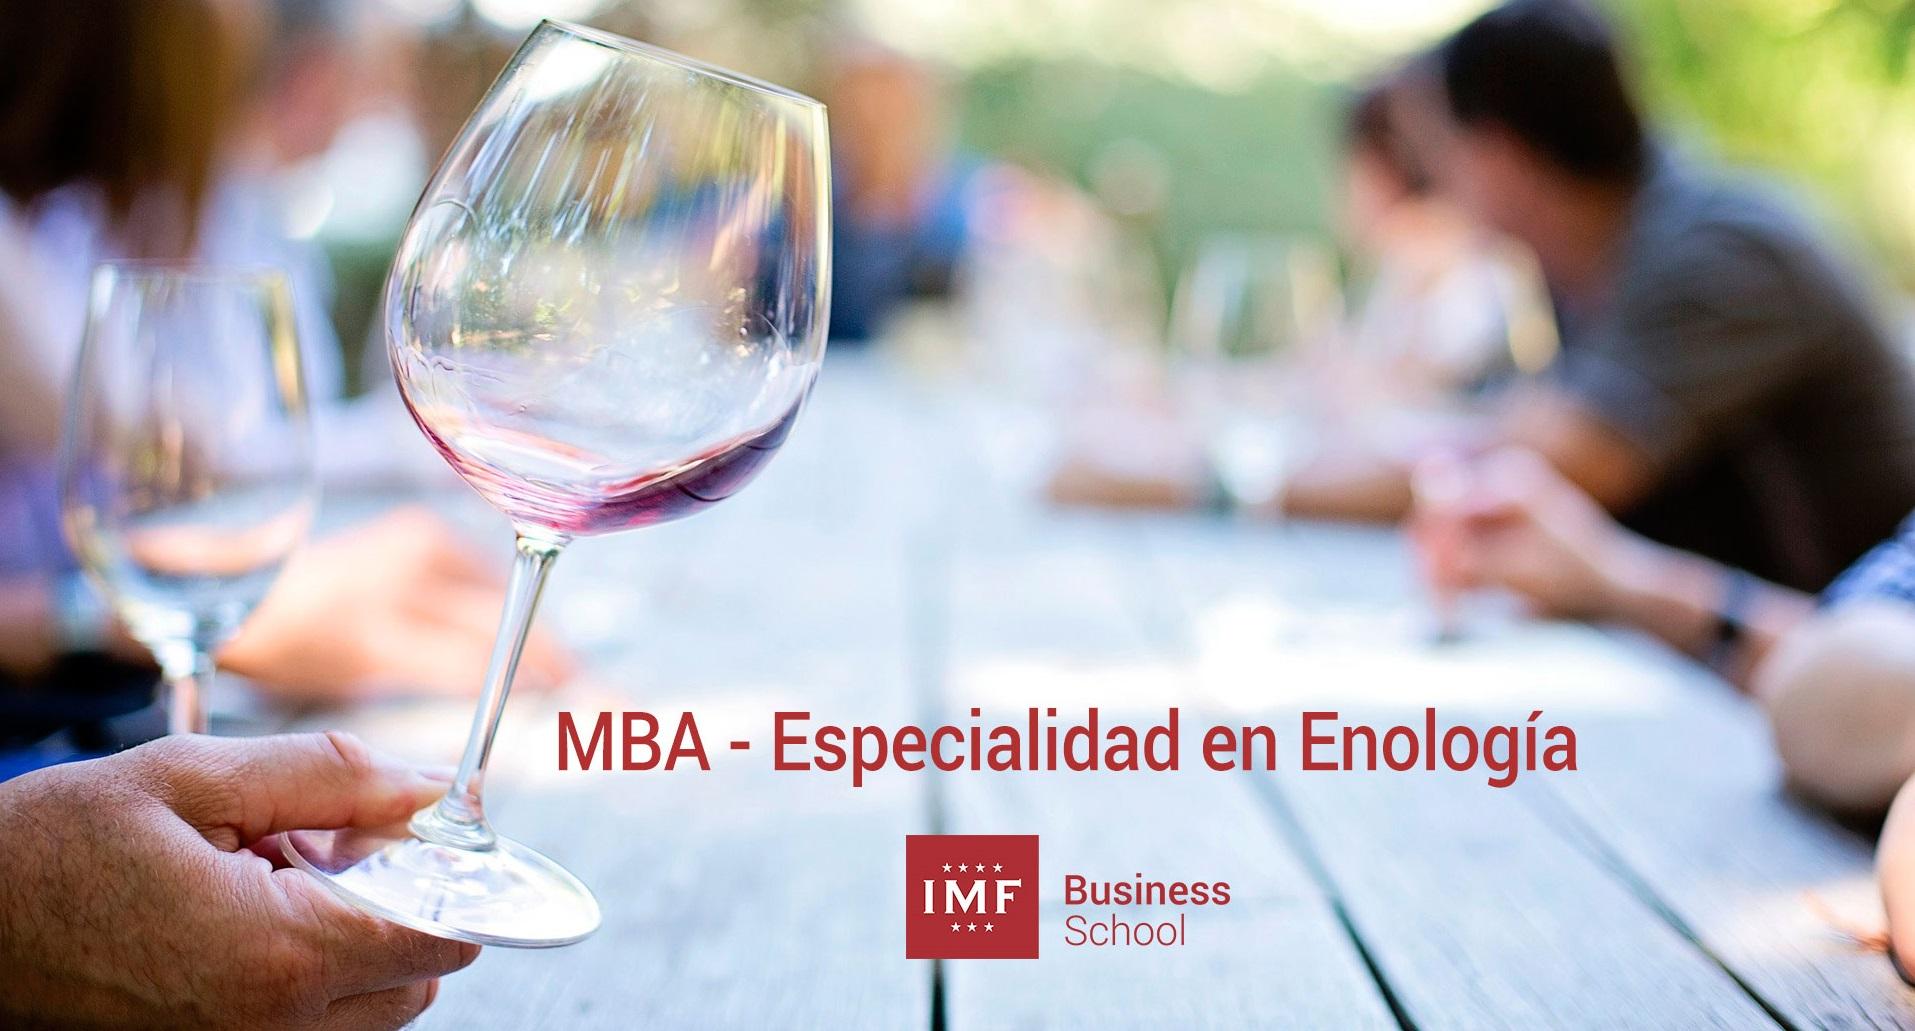 Máster en Dirección y Administración de Empresas (MBA) - Especialidad en Enología